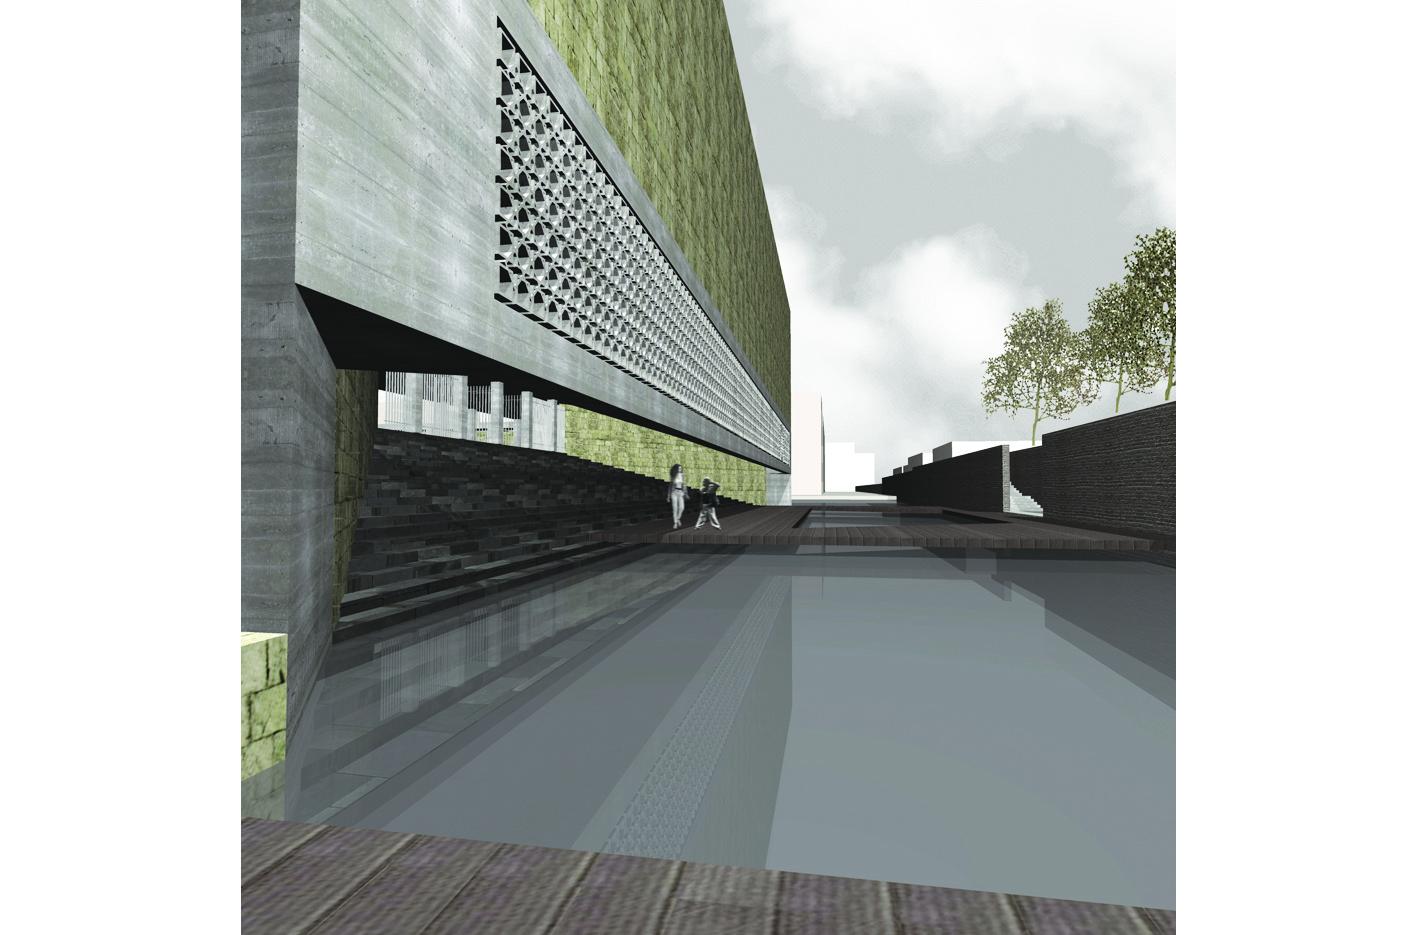 Islamitische Begraafplaats Amsterdam West academie van Bouwkunst Atelier PUUUR furkan Köse Erasmuspark  winnaar Archiprix 2005